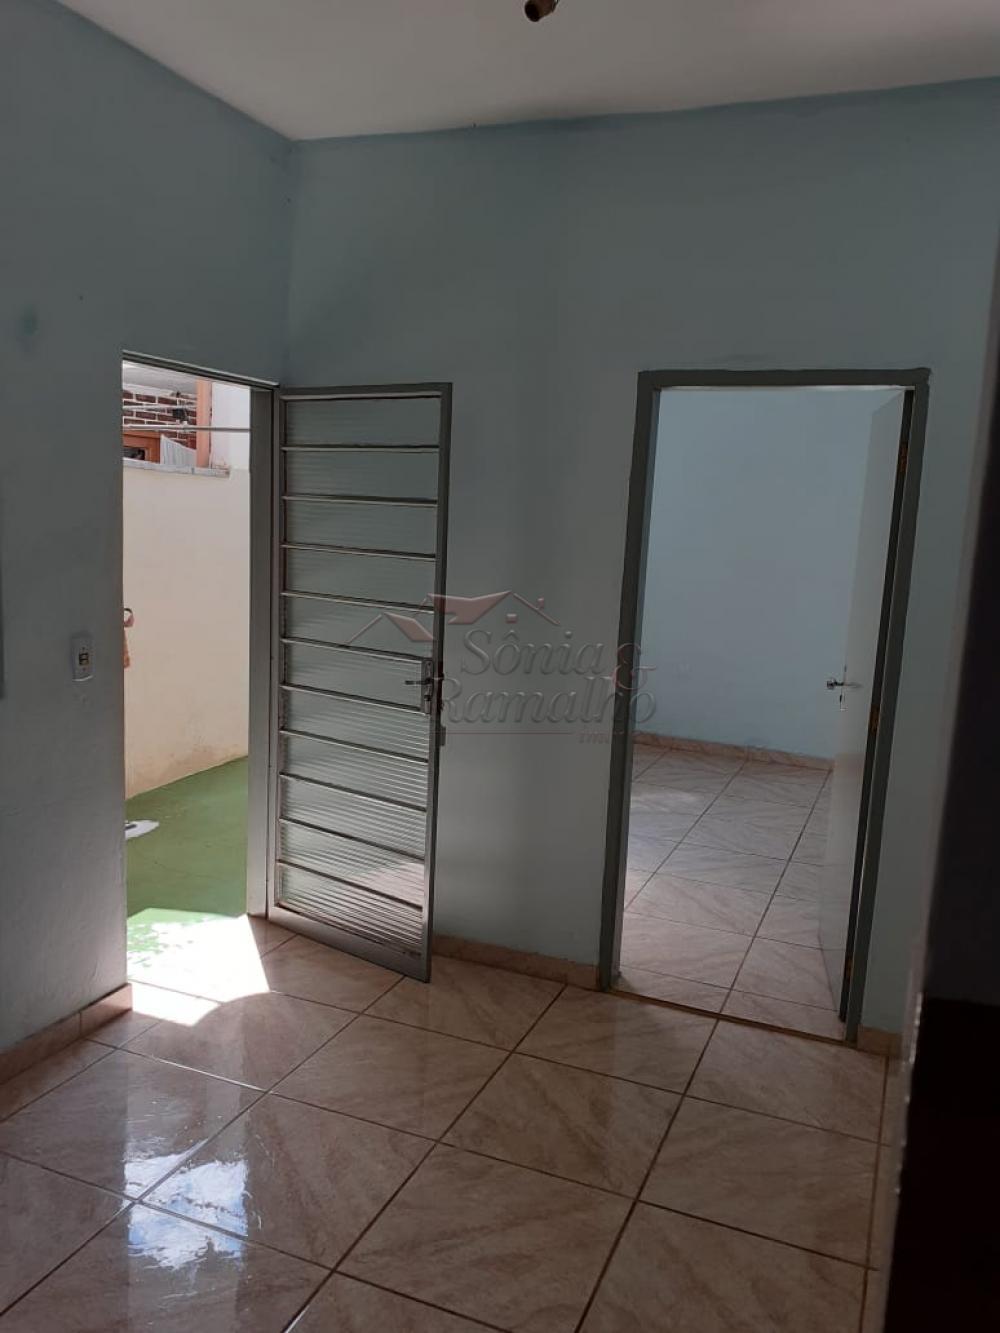 Alugar Casas / Padrão em Ribeirão Preto apenas R$ 480,00 - Foto 3